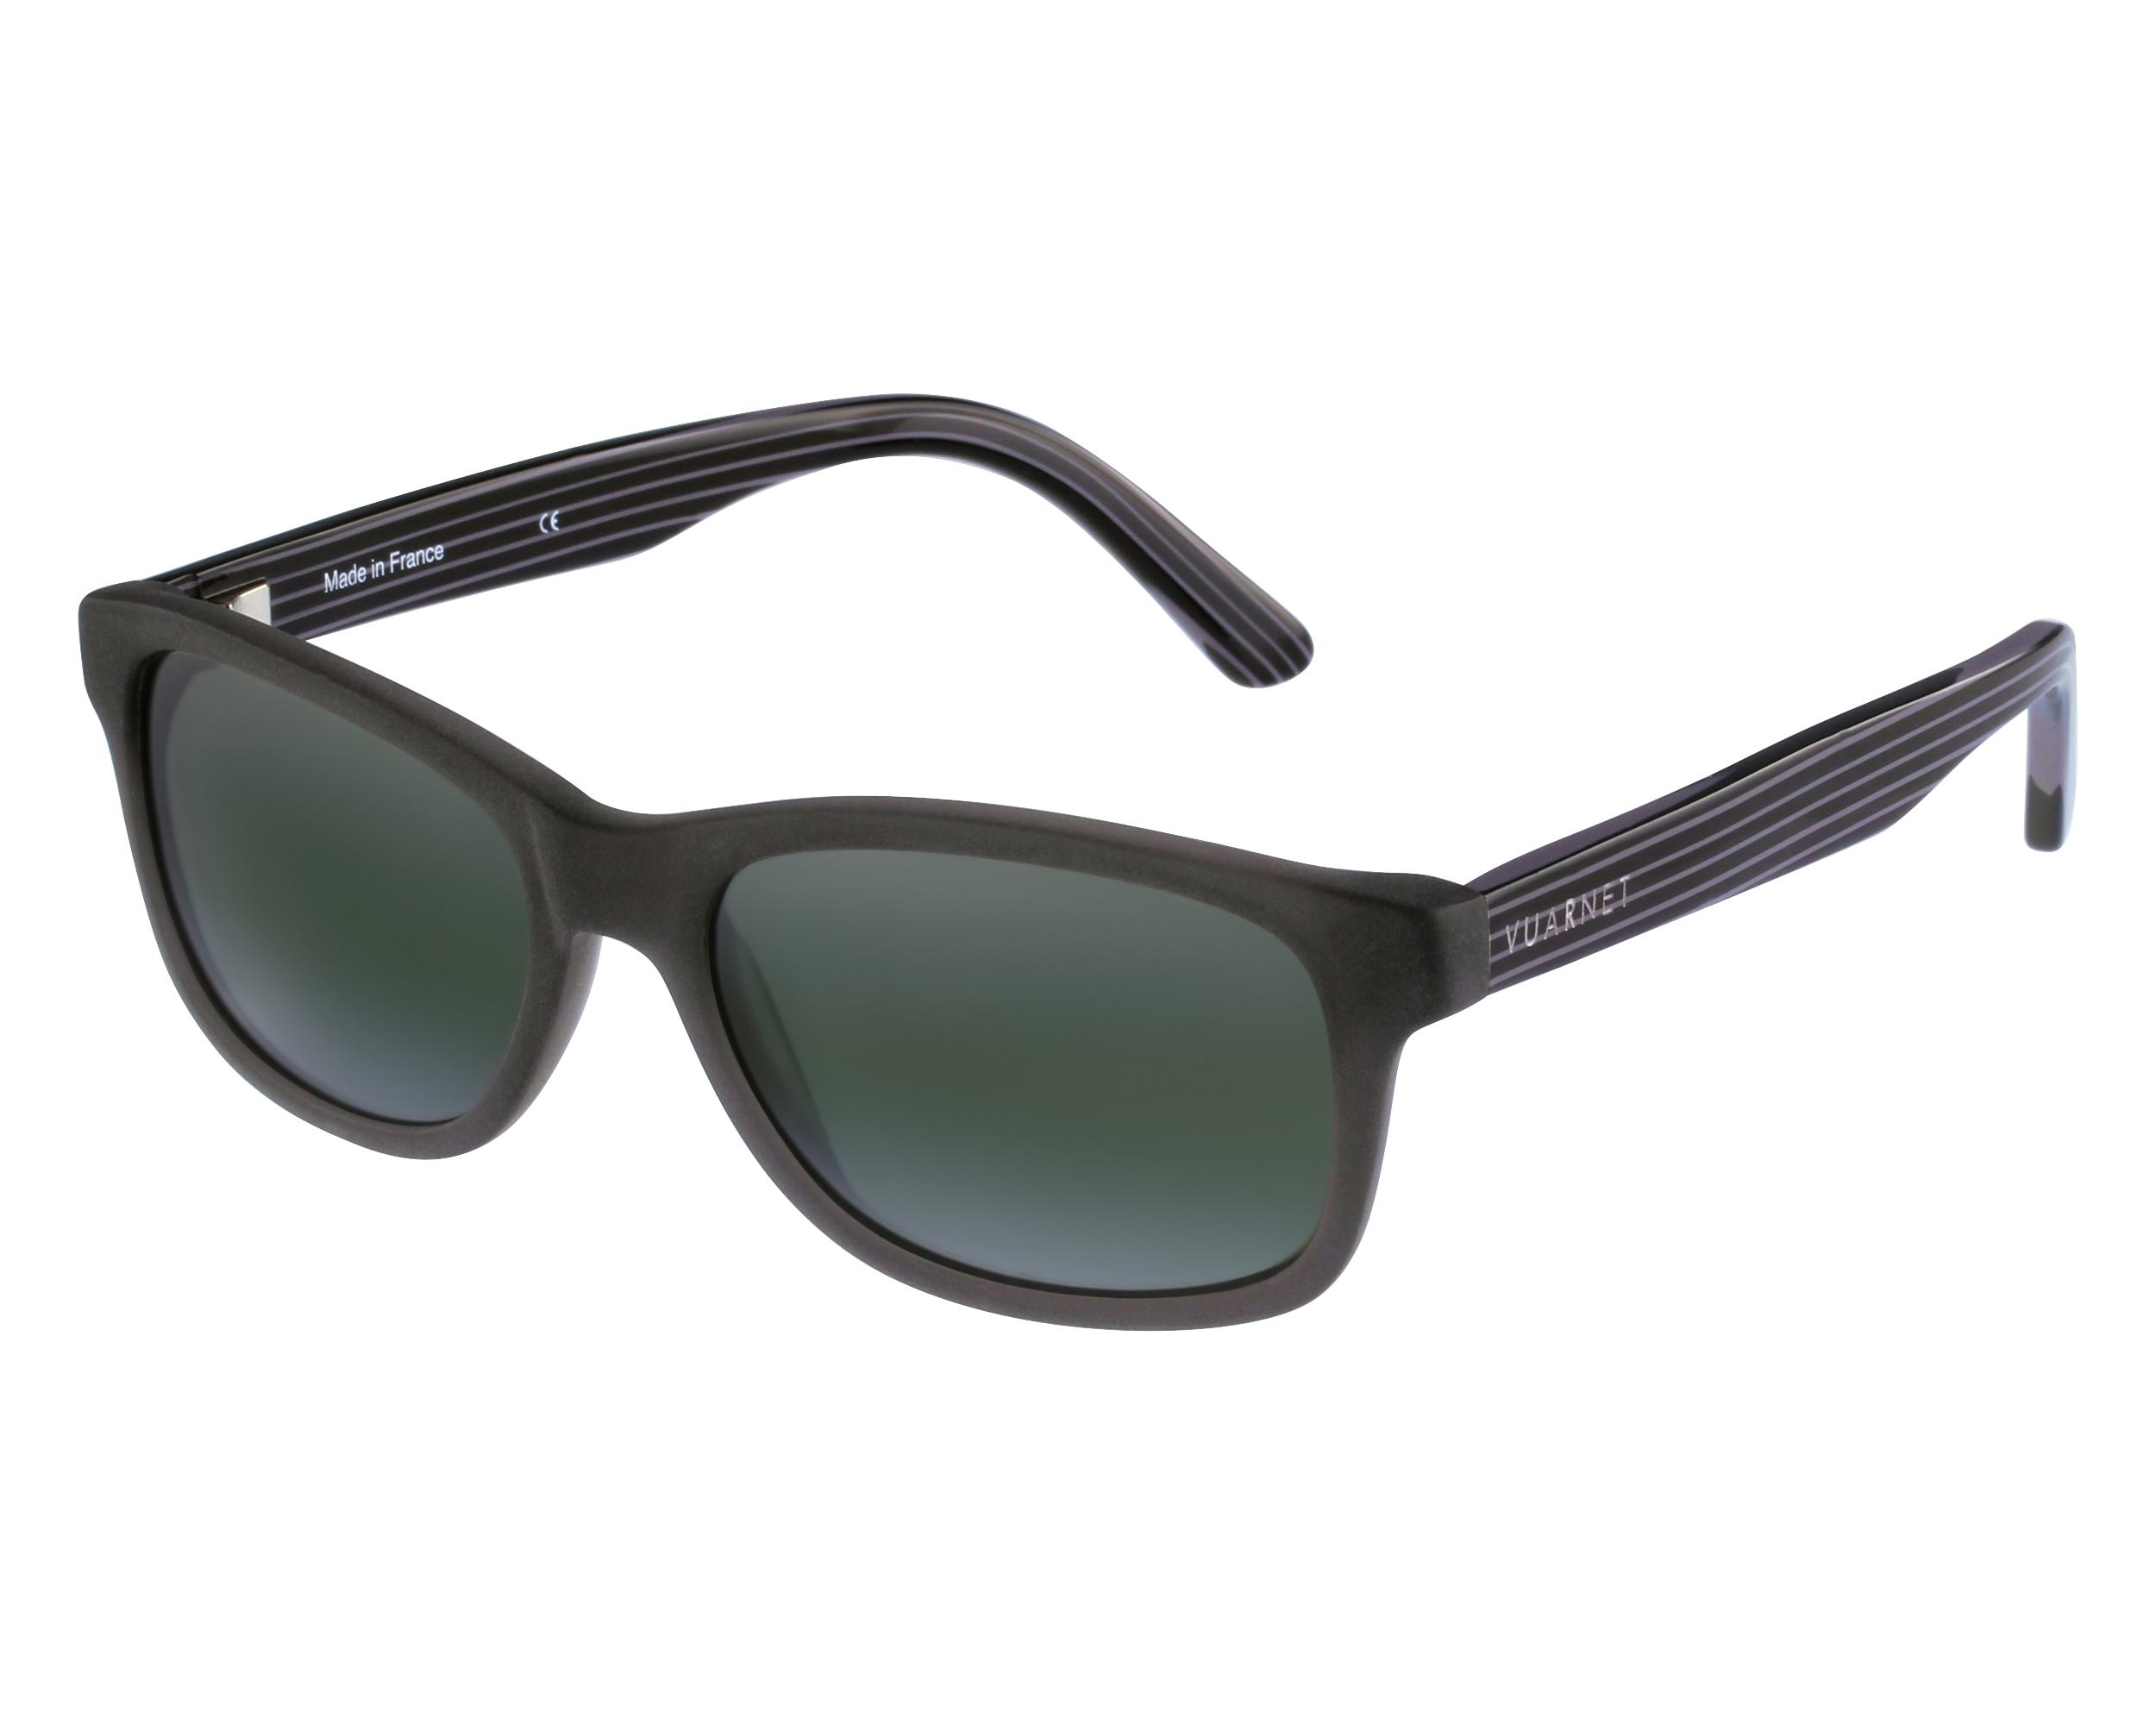 Lunettes de soleil vuarnet vl 1303 0003 gris avec des verres gris vert - Verre lunette raye assurance ...